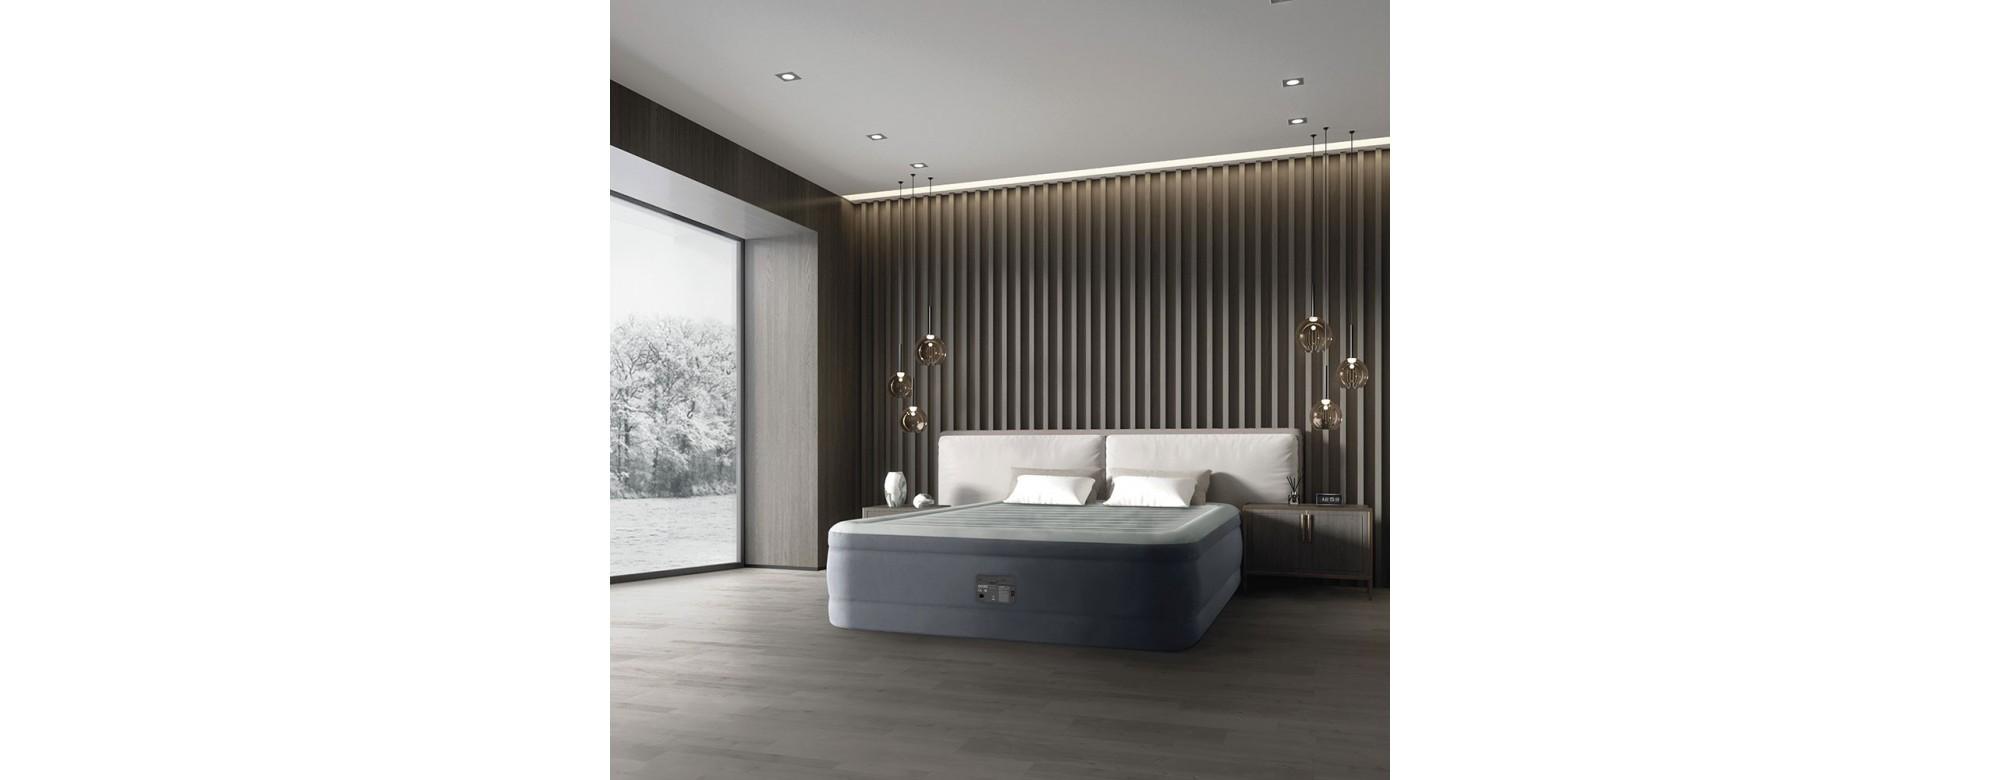 Lit gonflables électriques Intex : Optenez un lit en quelques minutes